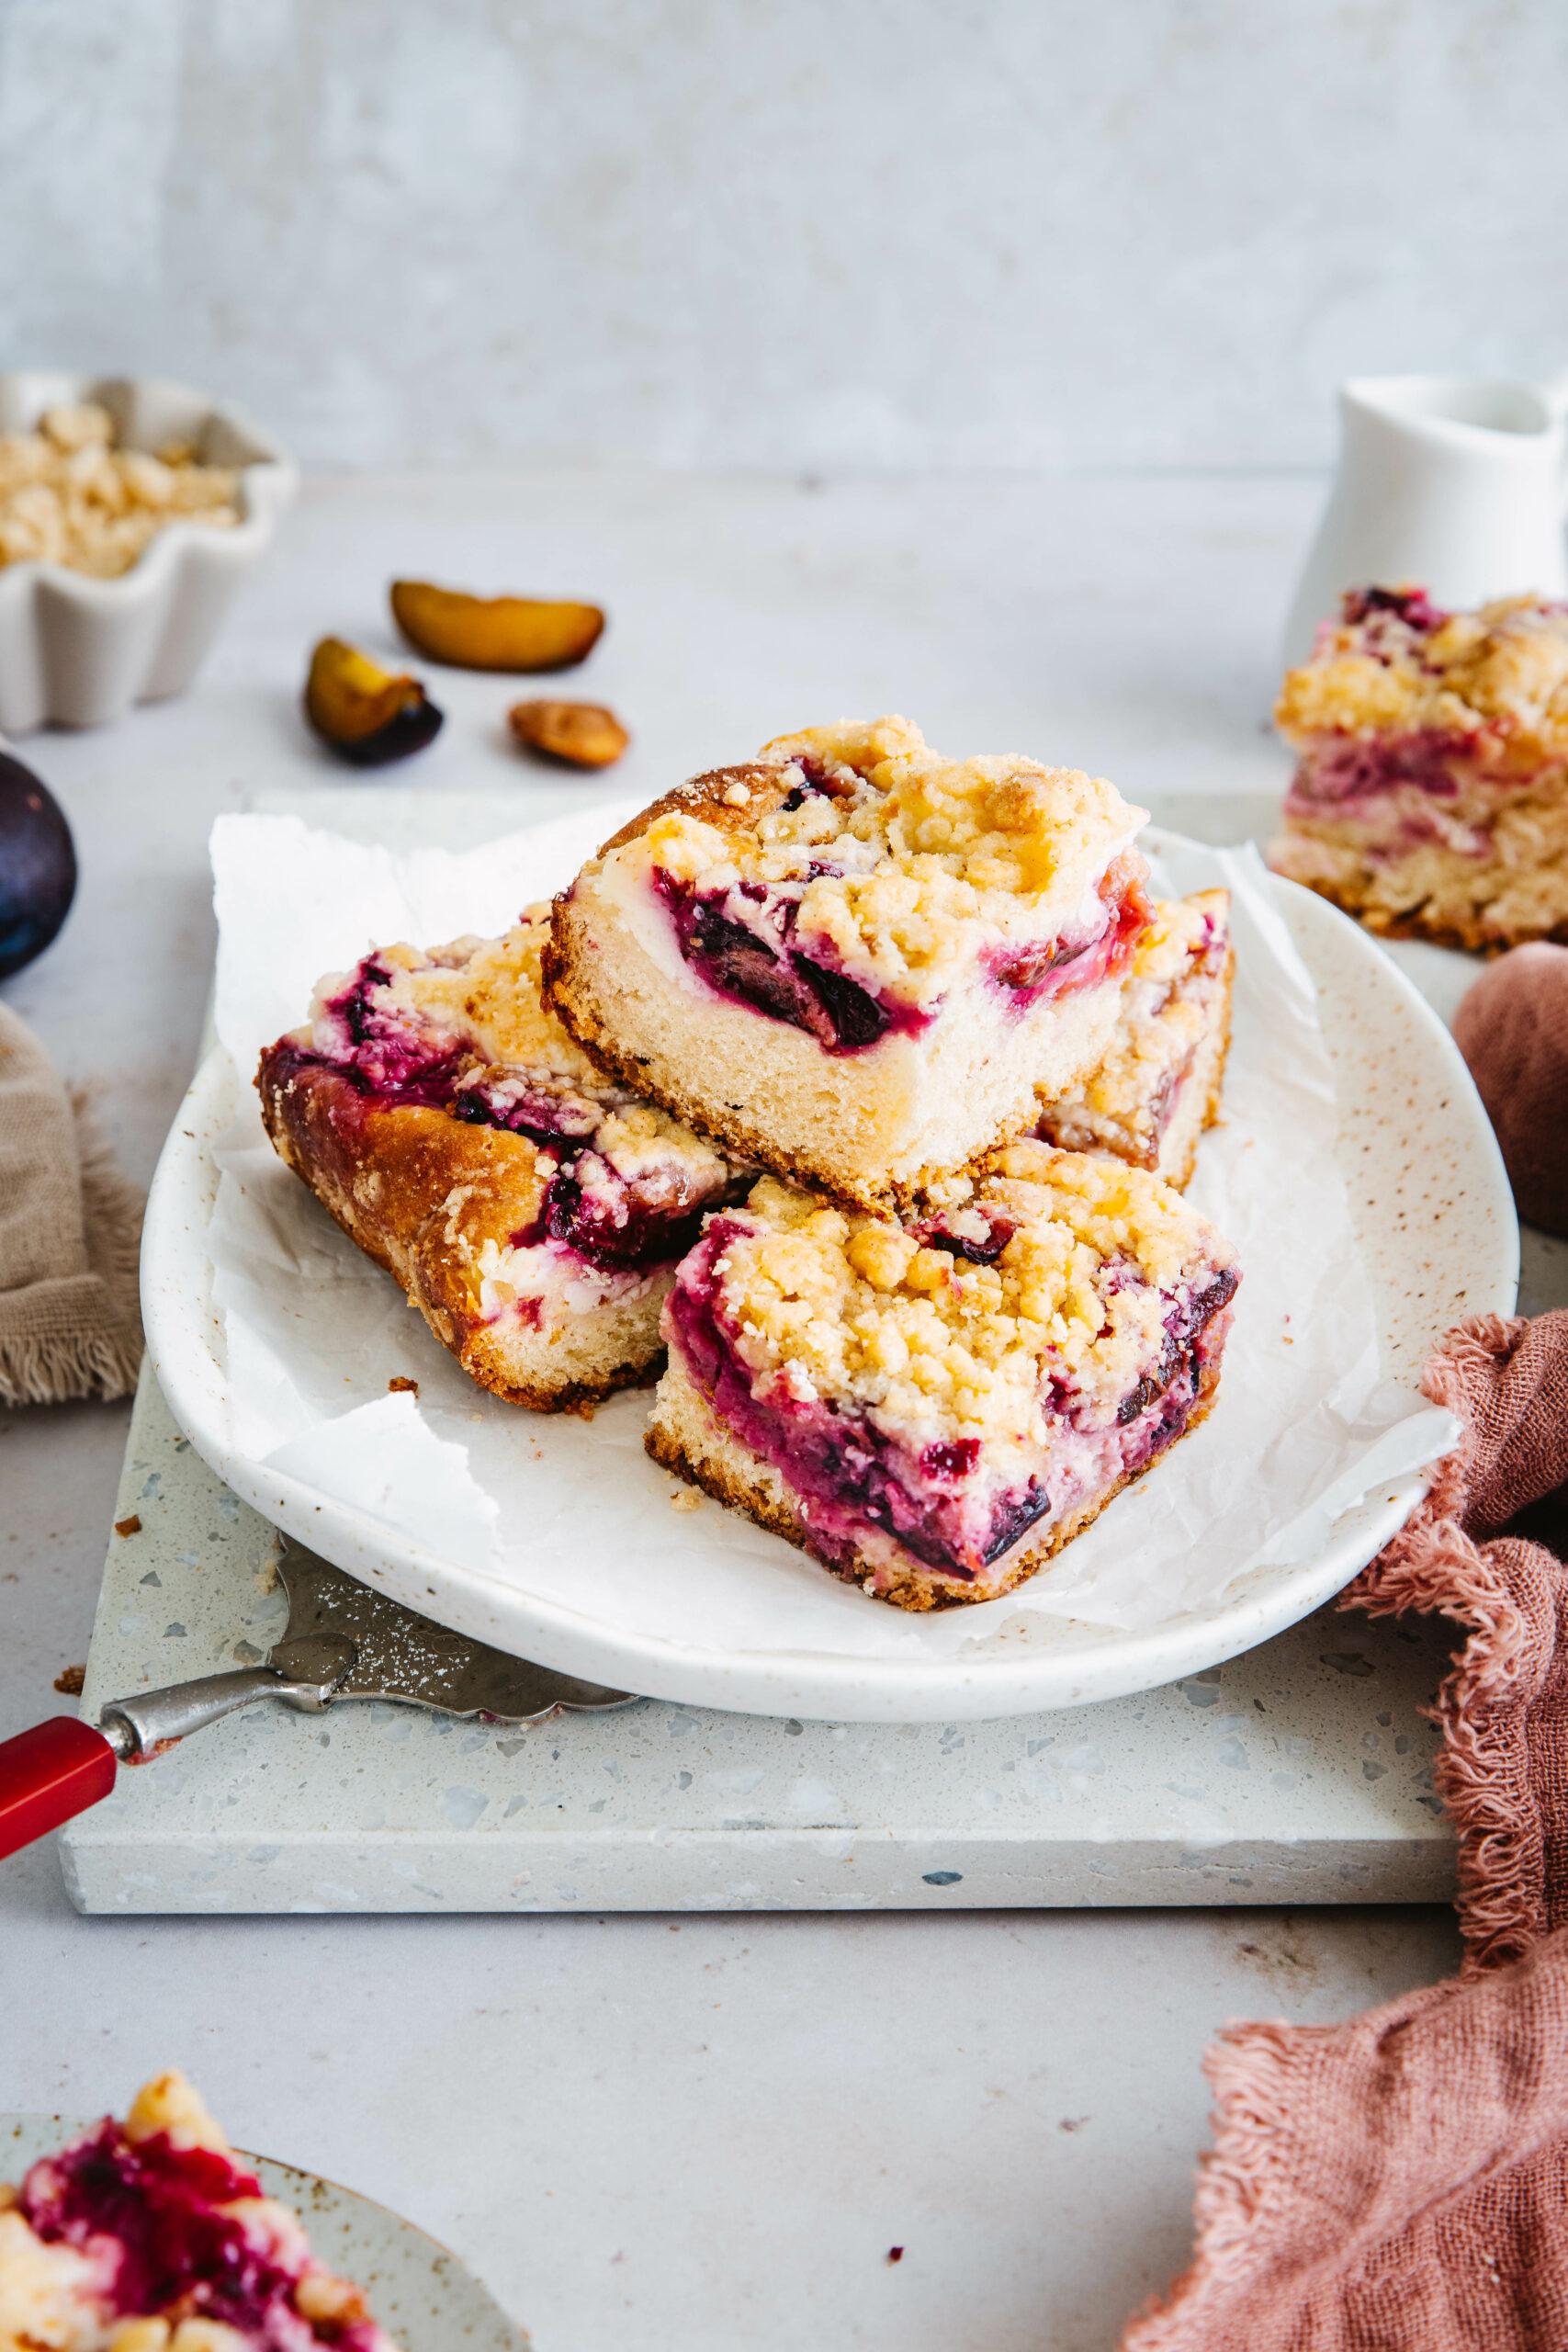 Angeschnittener Zwetschgenkuchen mit Pudding vom Blech